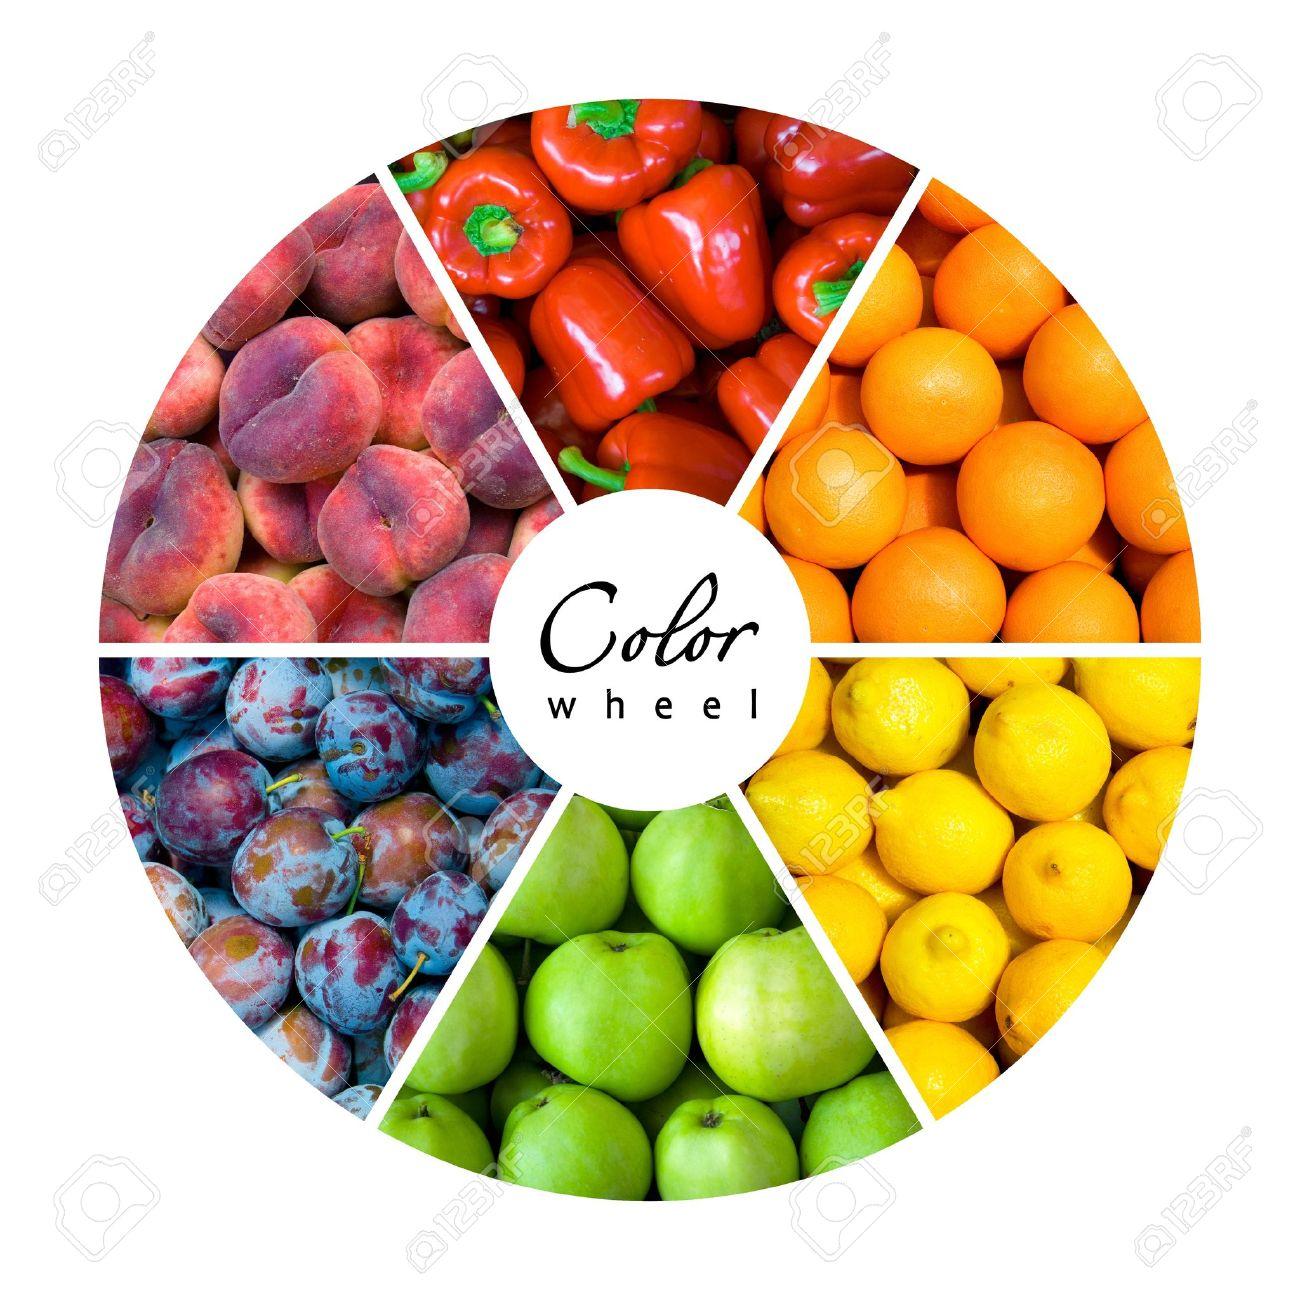 Obst Und Gemüse-Farbrad (6 Farben) Lizenzfreie Fotos, Bilder Und ...